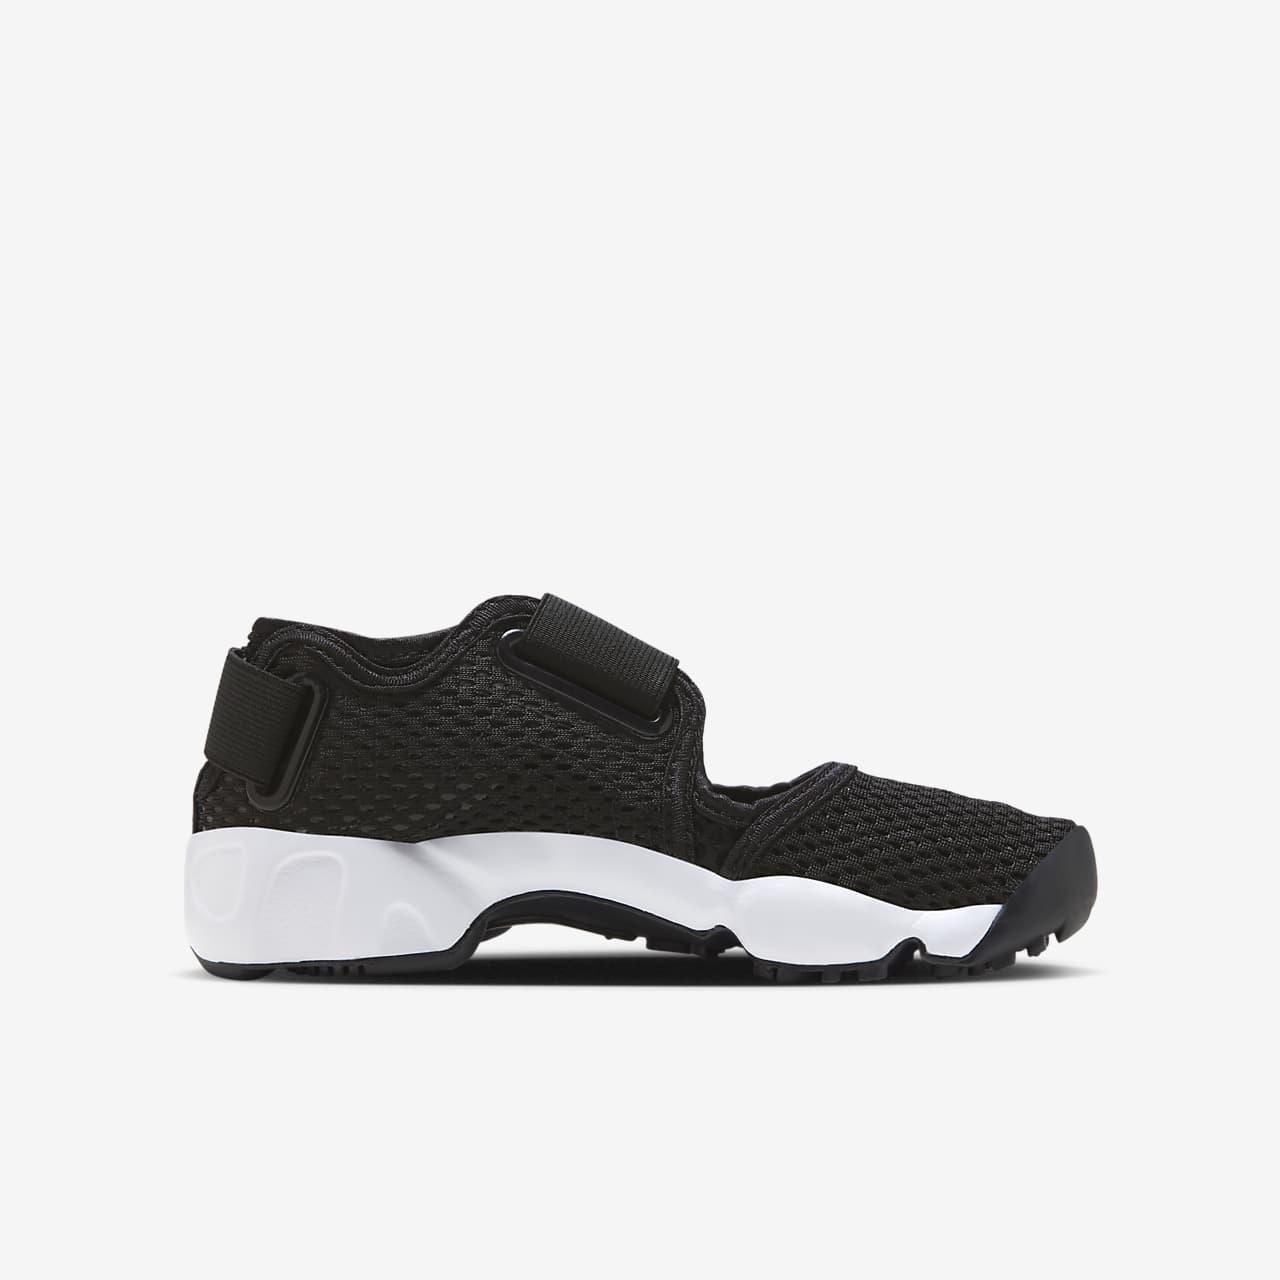 0df5b2535 ... Nike Air Rift Zapatillas - Niños de preescolar (10